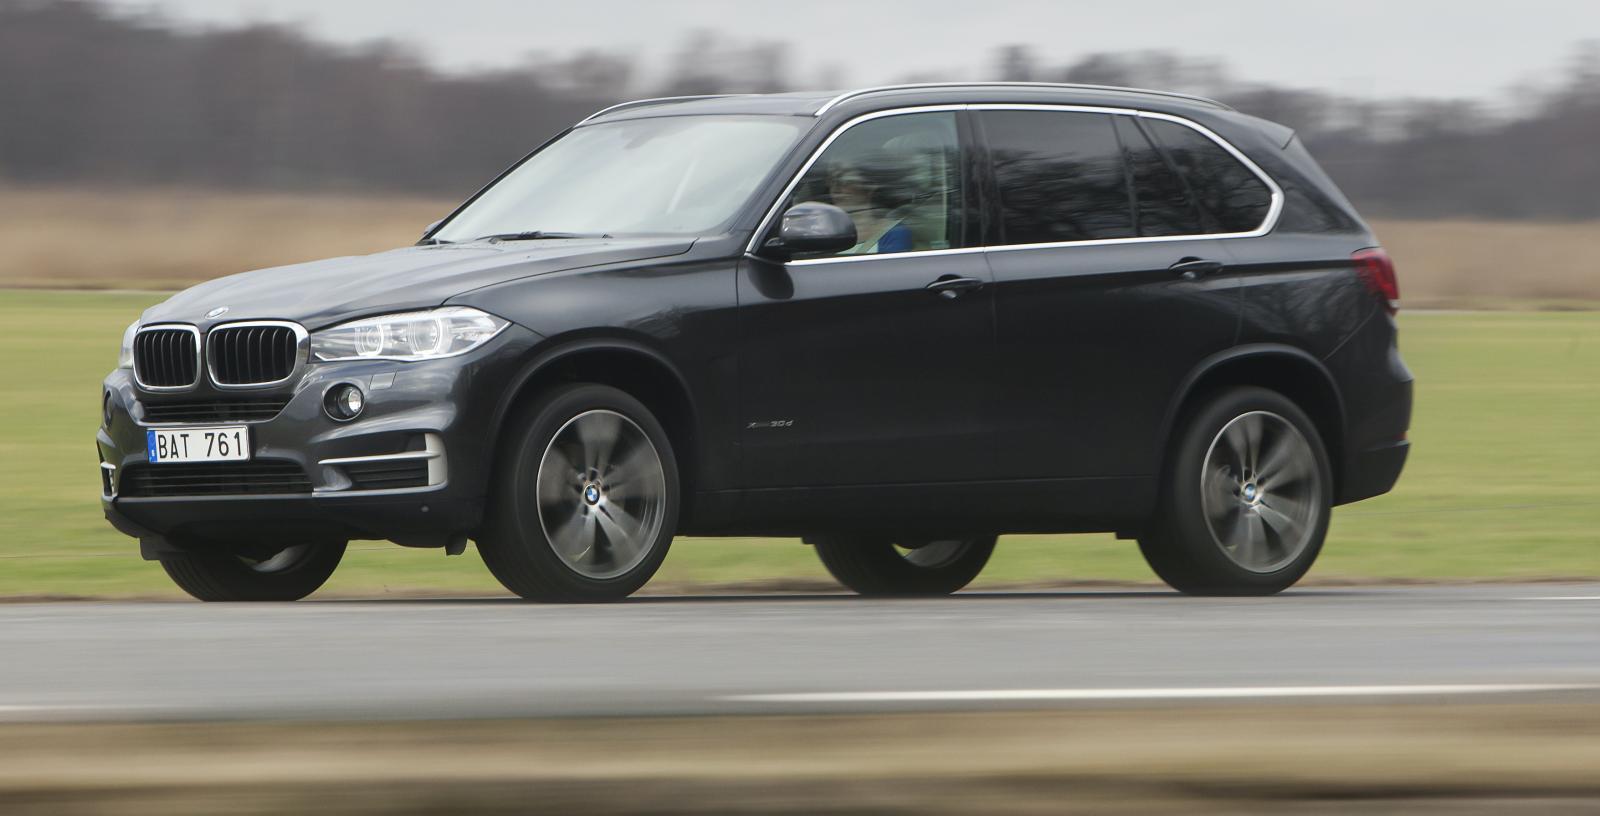 En bilhandlare kan få hela 21 000 kronor mer betalt för en BMW X5 som rullat 4 000 mil istället för 8 000.